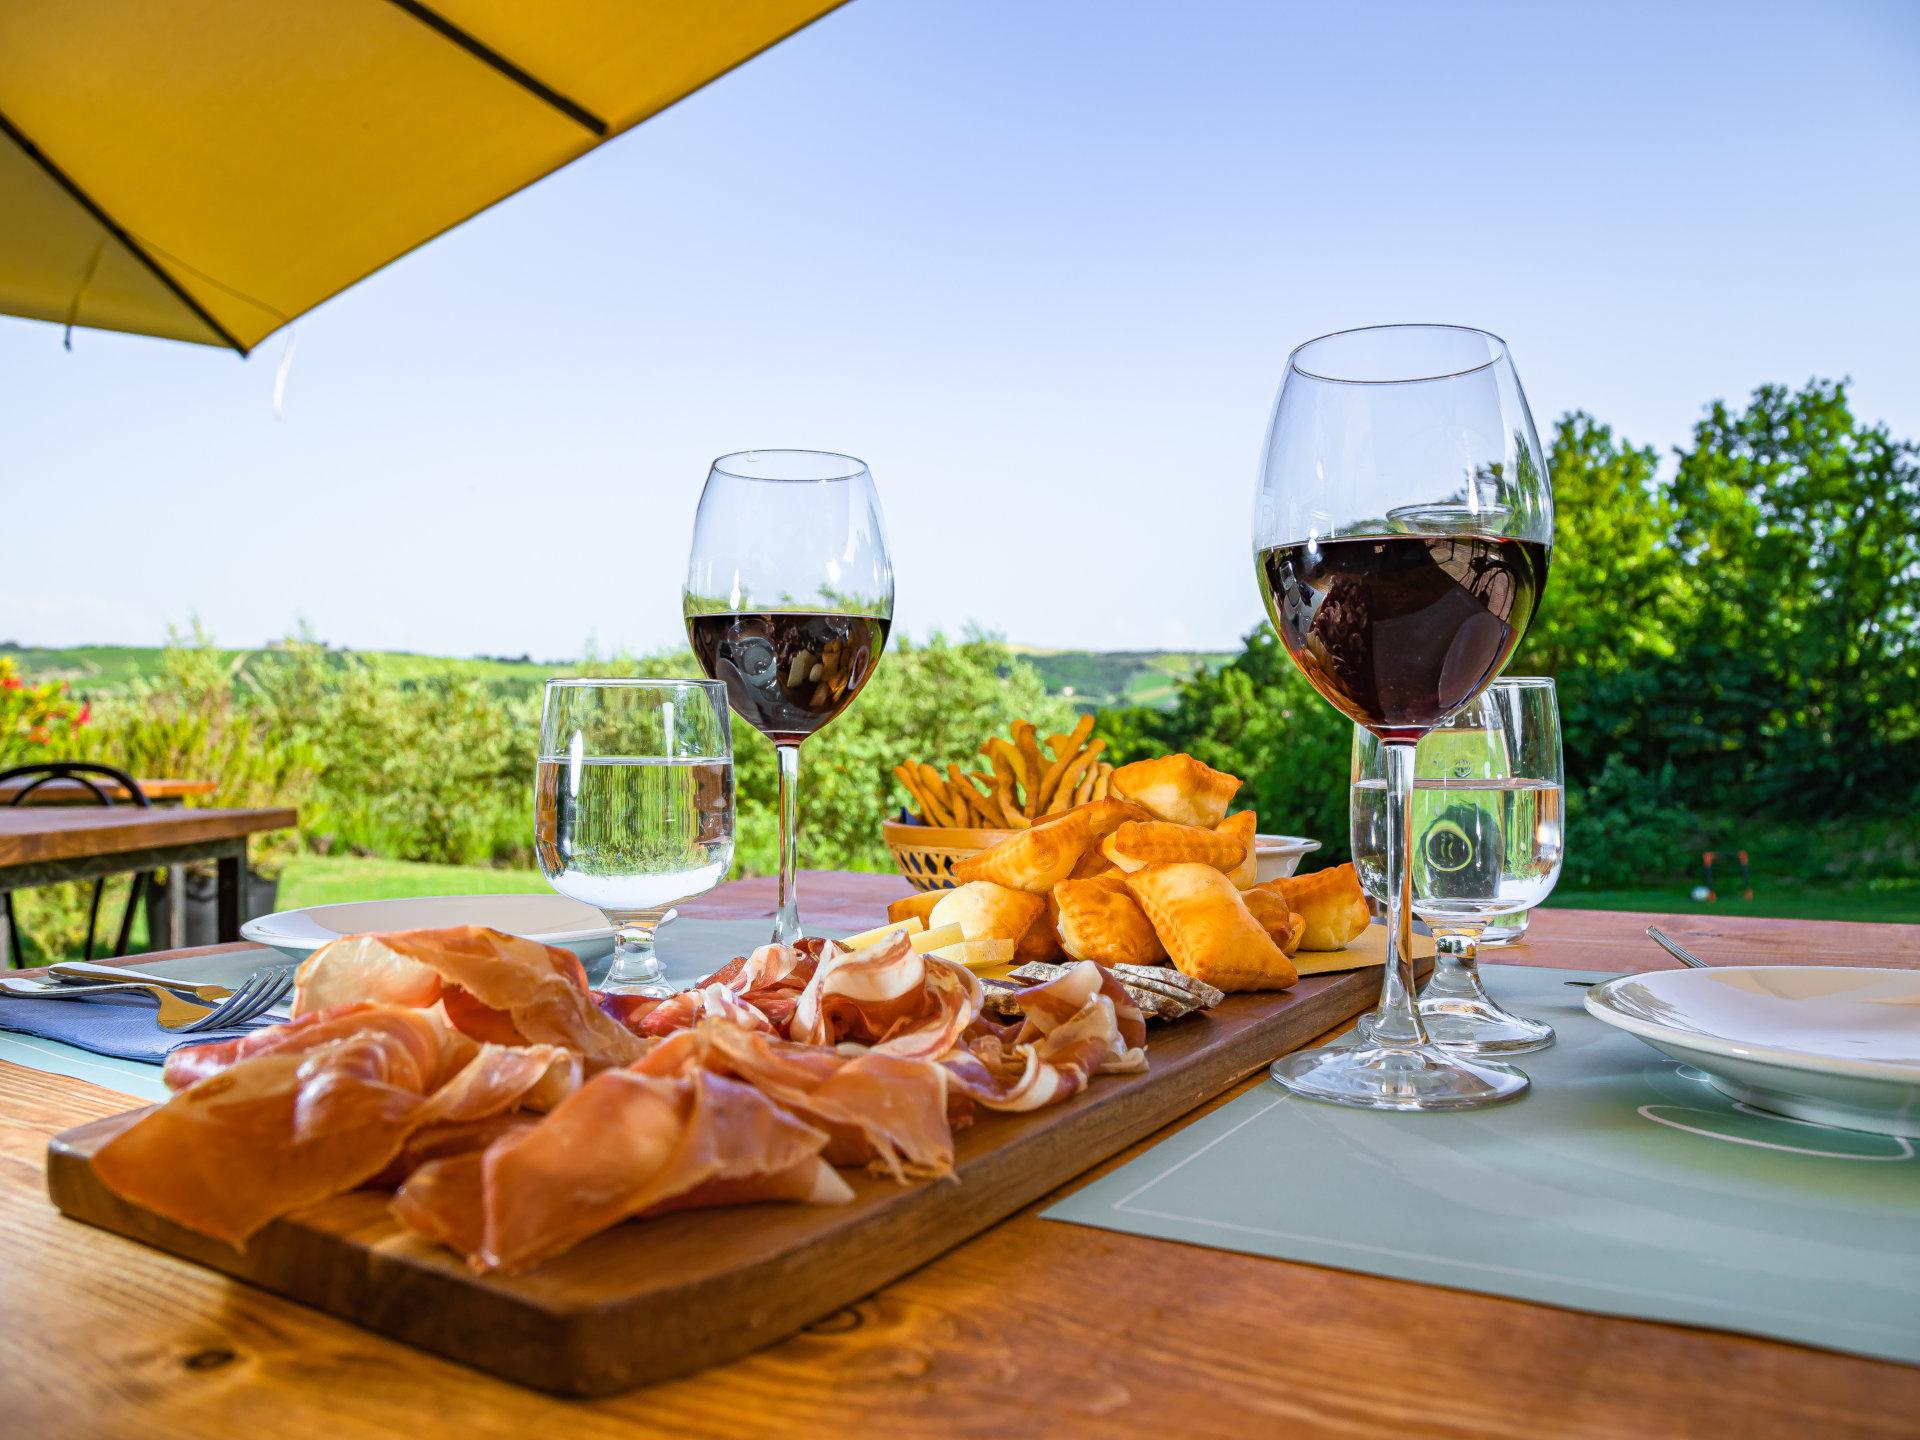 Un piatto di salumi con gnocco fritto e un bicchiere di vino